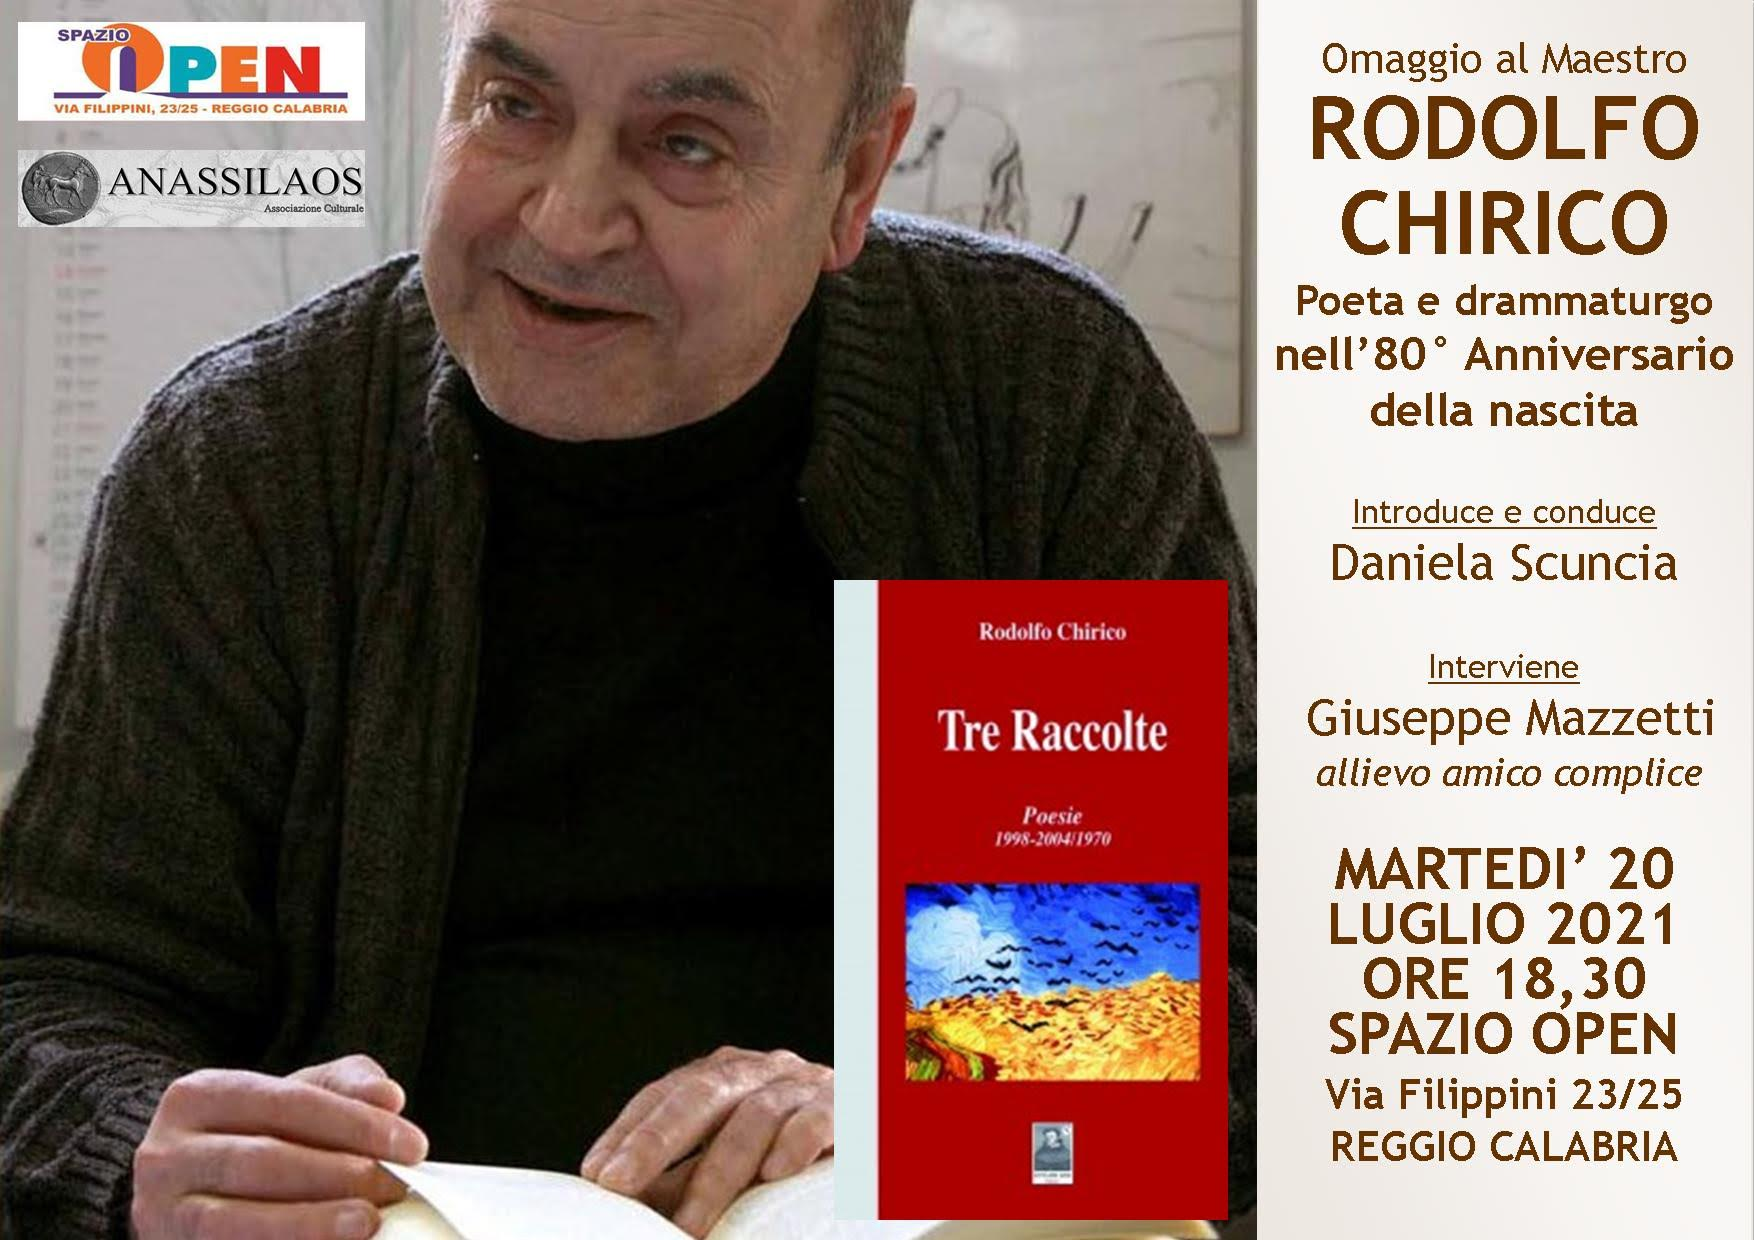 Reggio, l'associazione Anassilaos rende omaggio al poeta Rodolfo Chirico